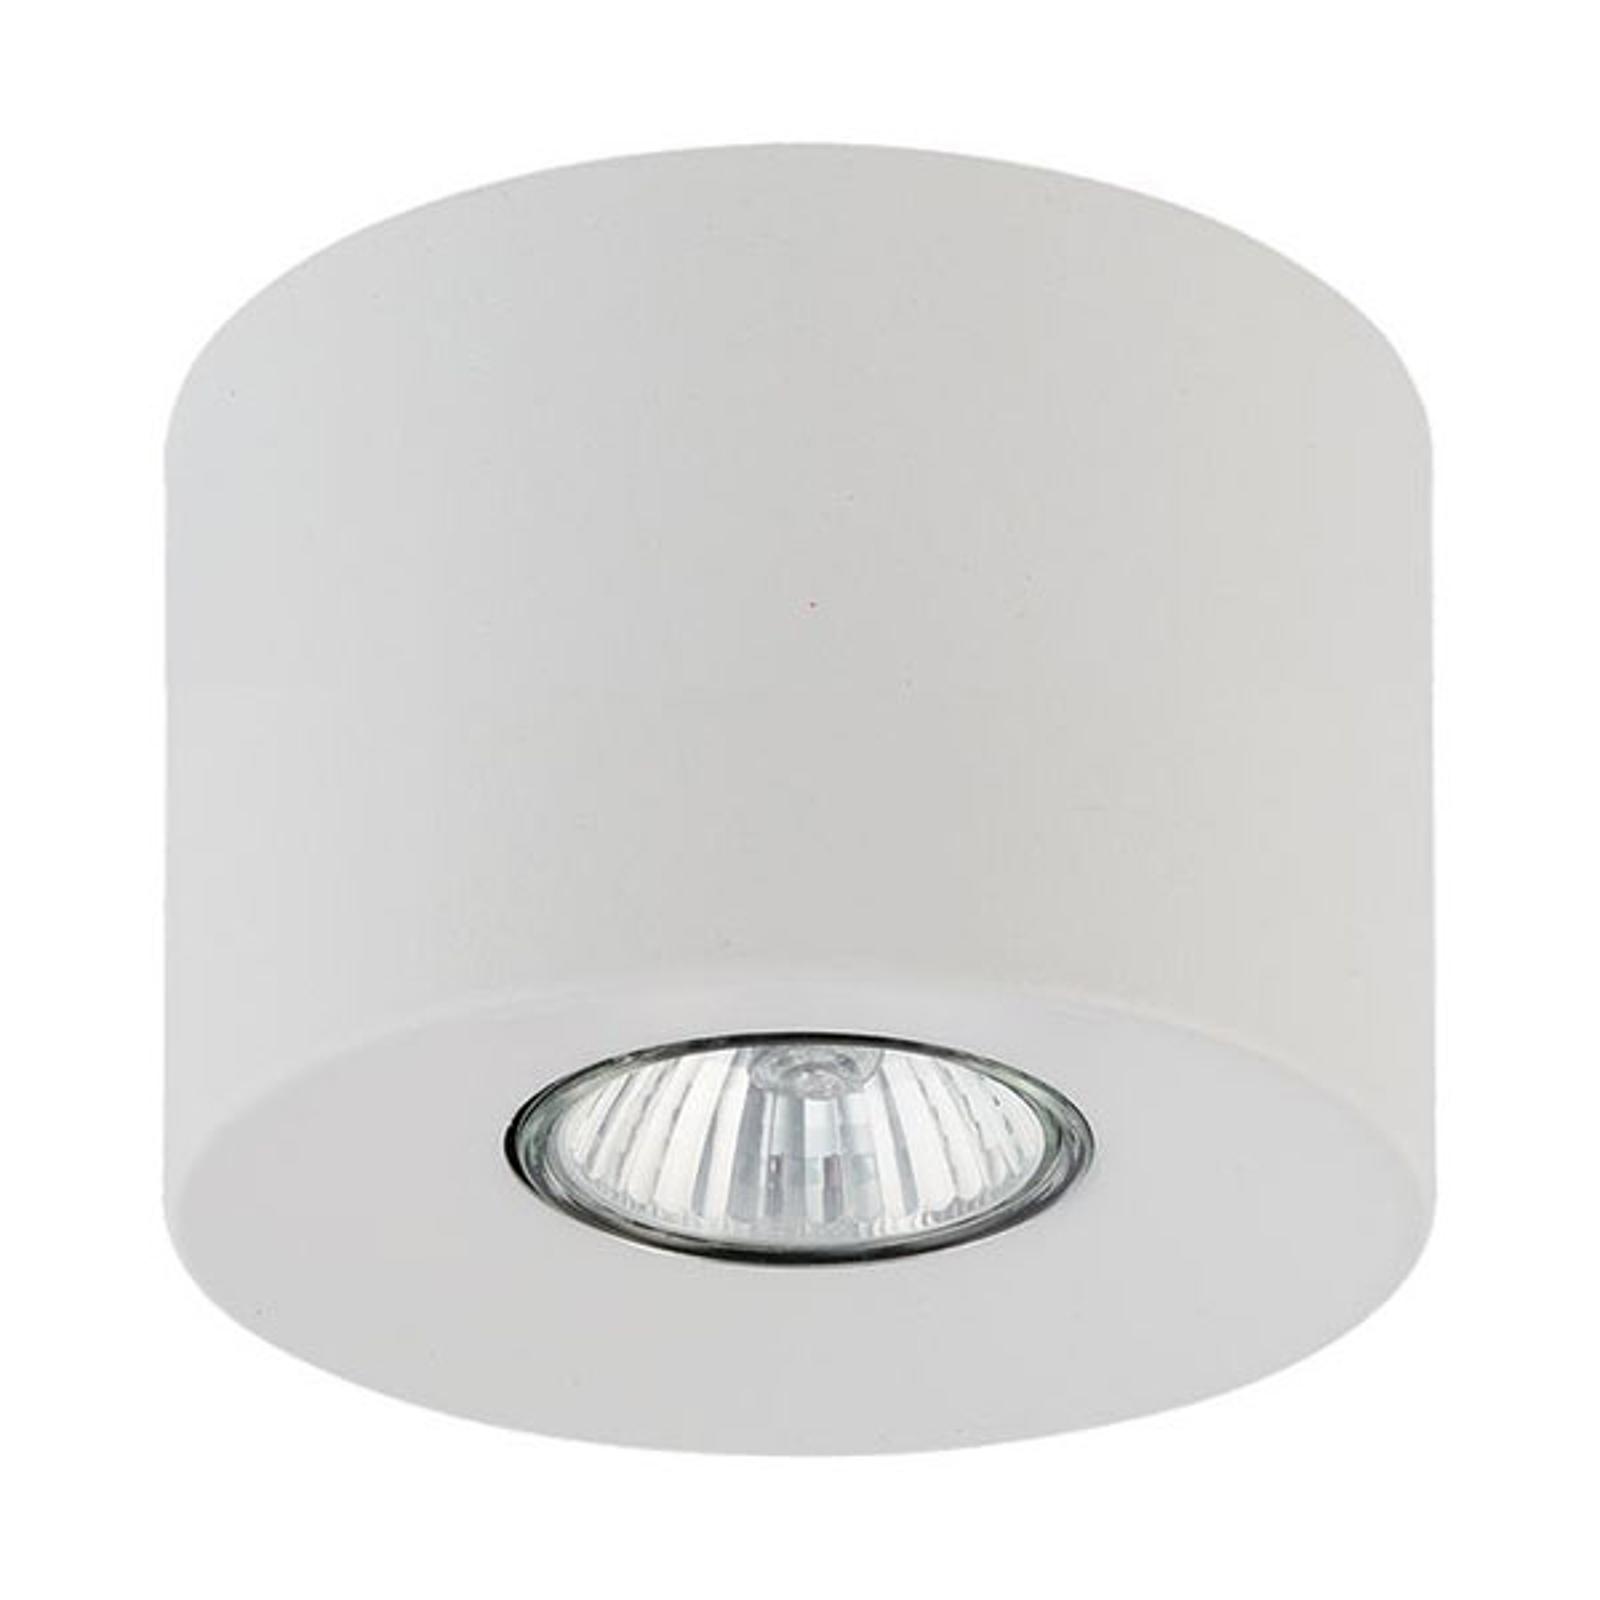 Downlight Orion rund, weiß, 8,5 cm